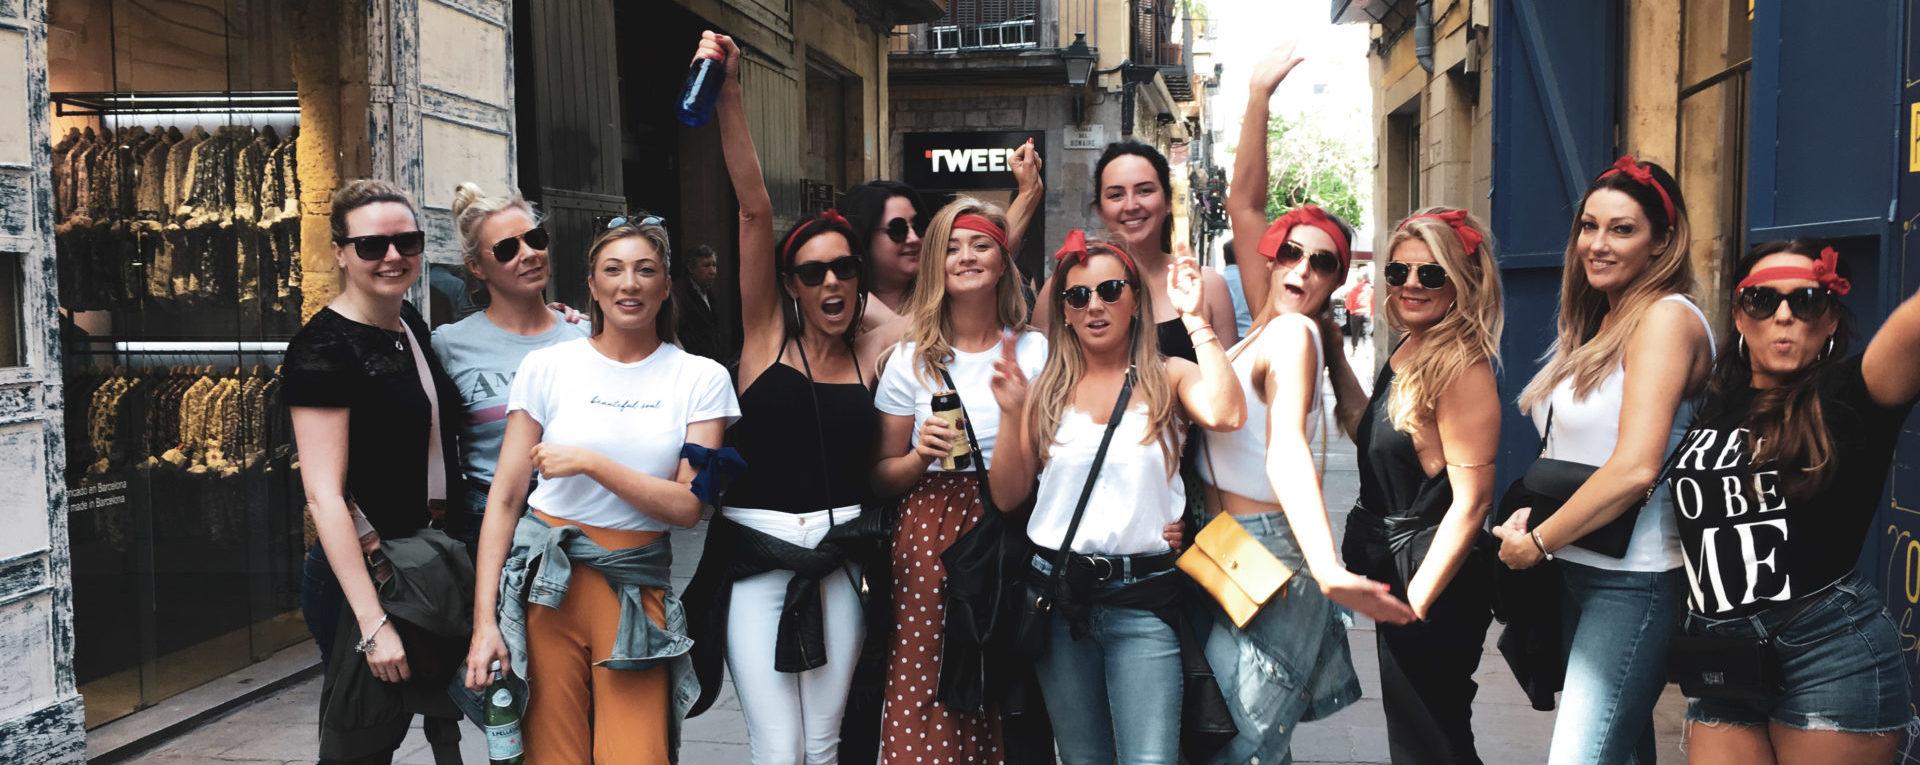 Rotterdam vrijgezellenfeestje met allemaal chicks - Speurtocht Xventura_header